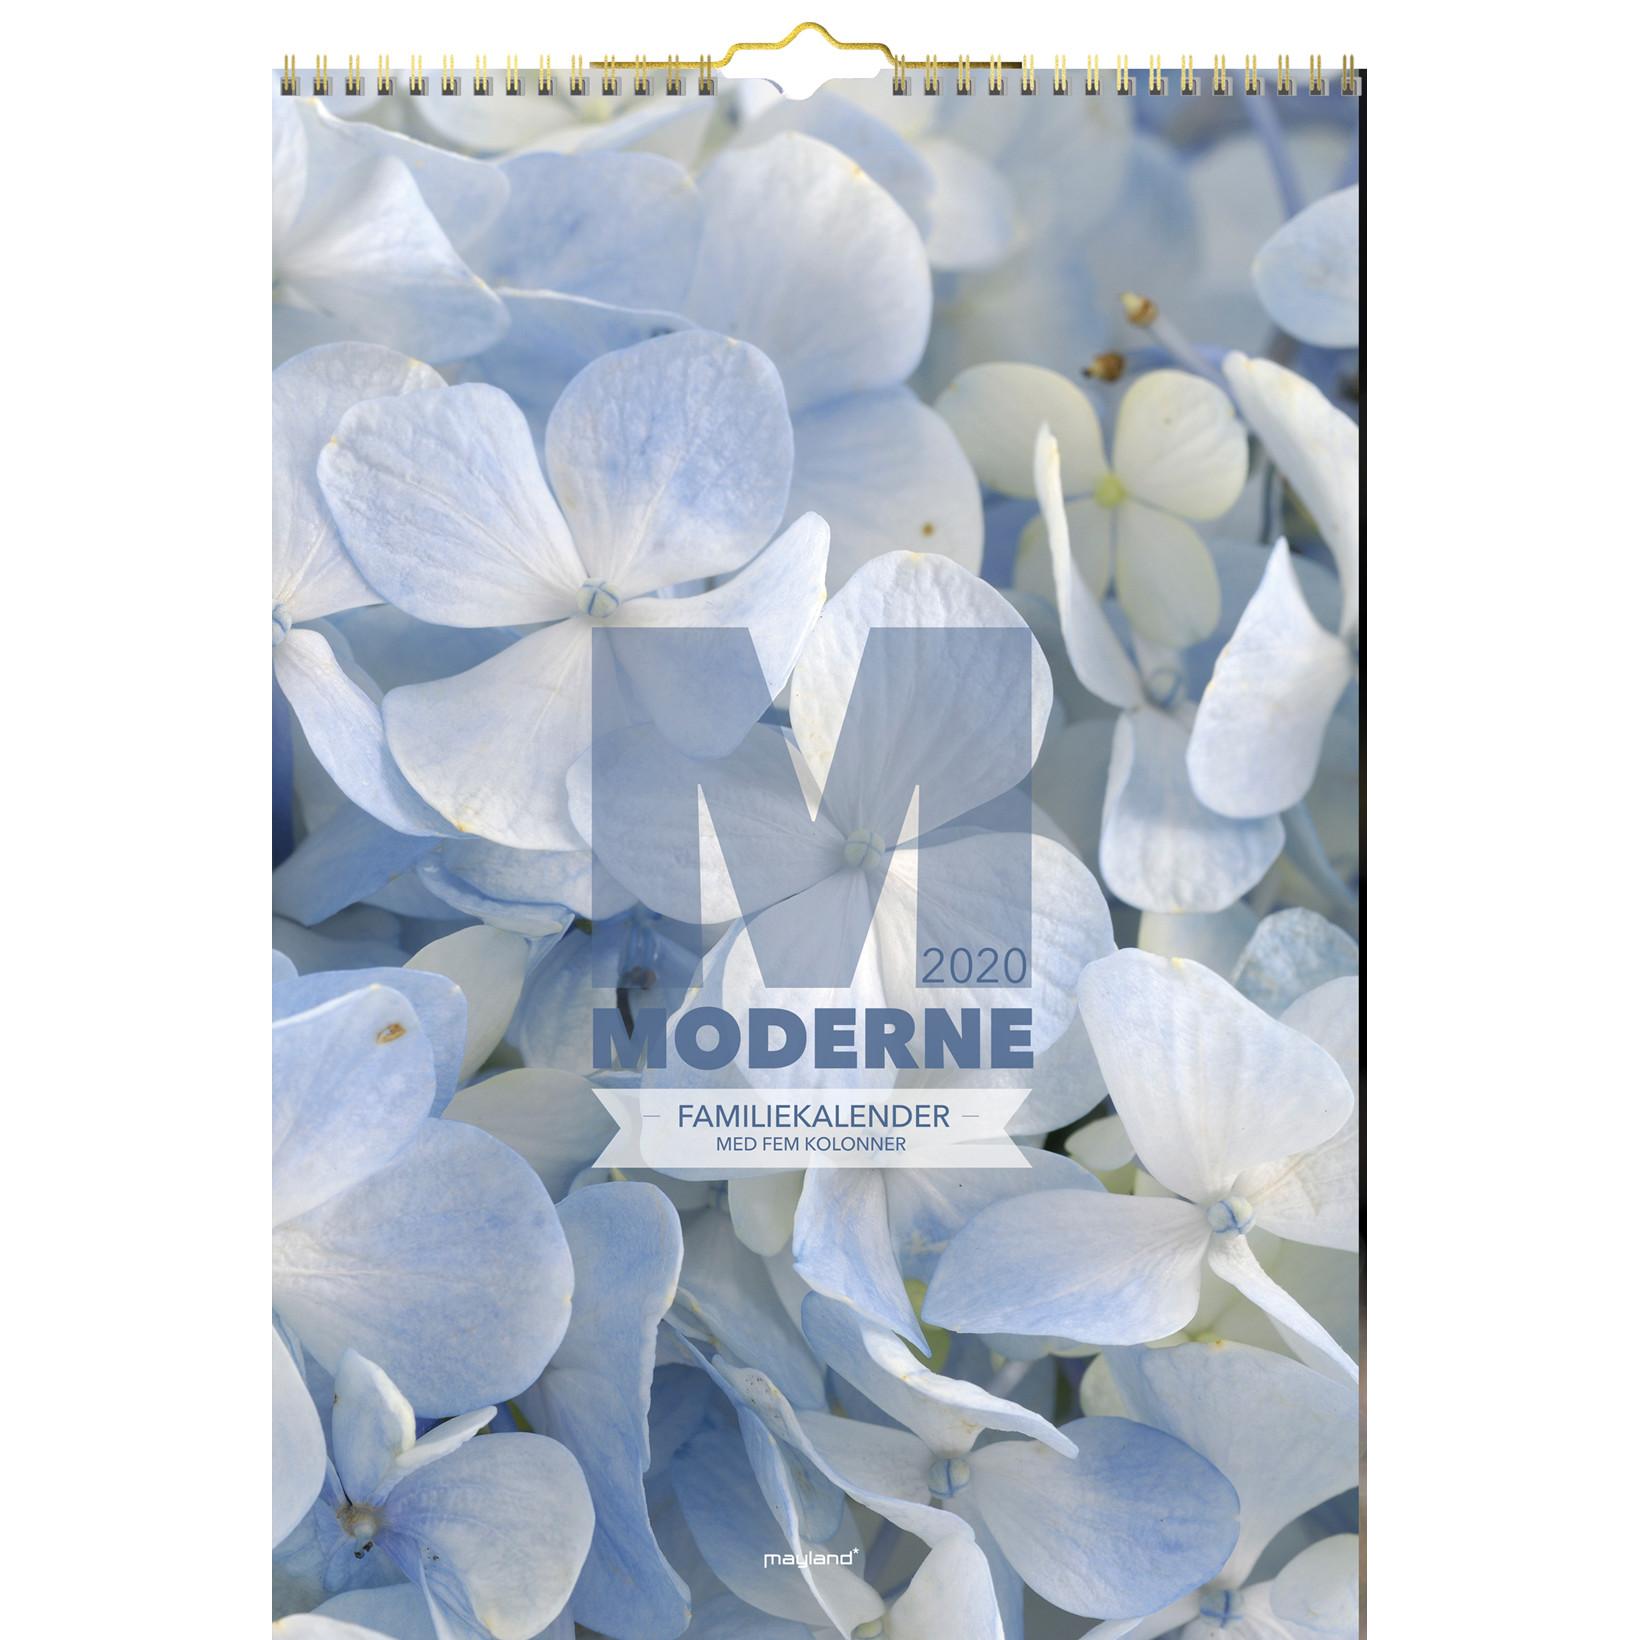 Vægkalender Familiens A3 Moderne 29,7x42cm 20 0662 60